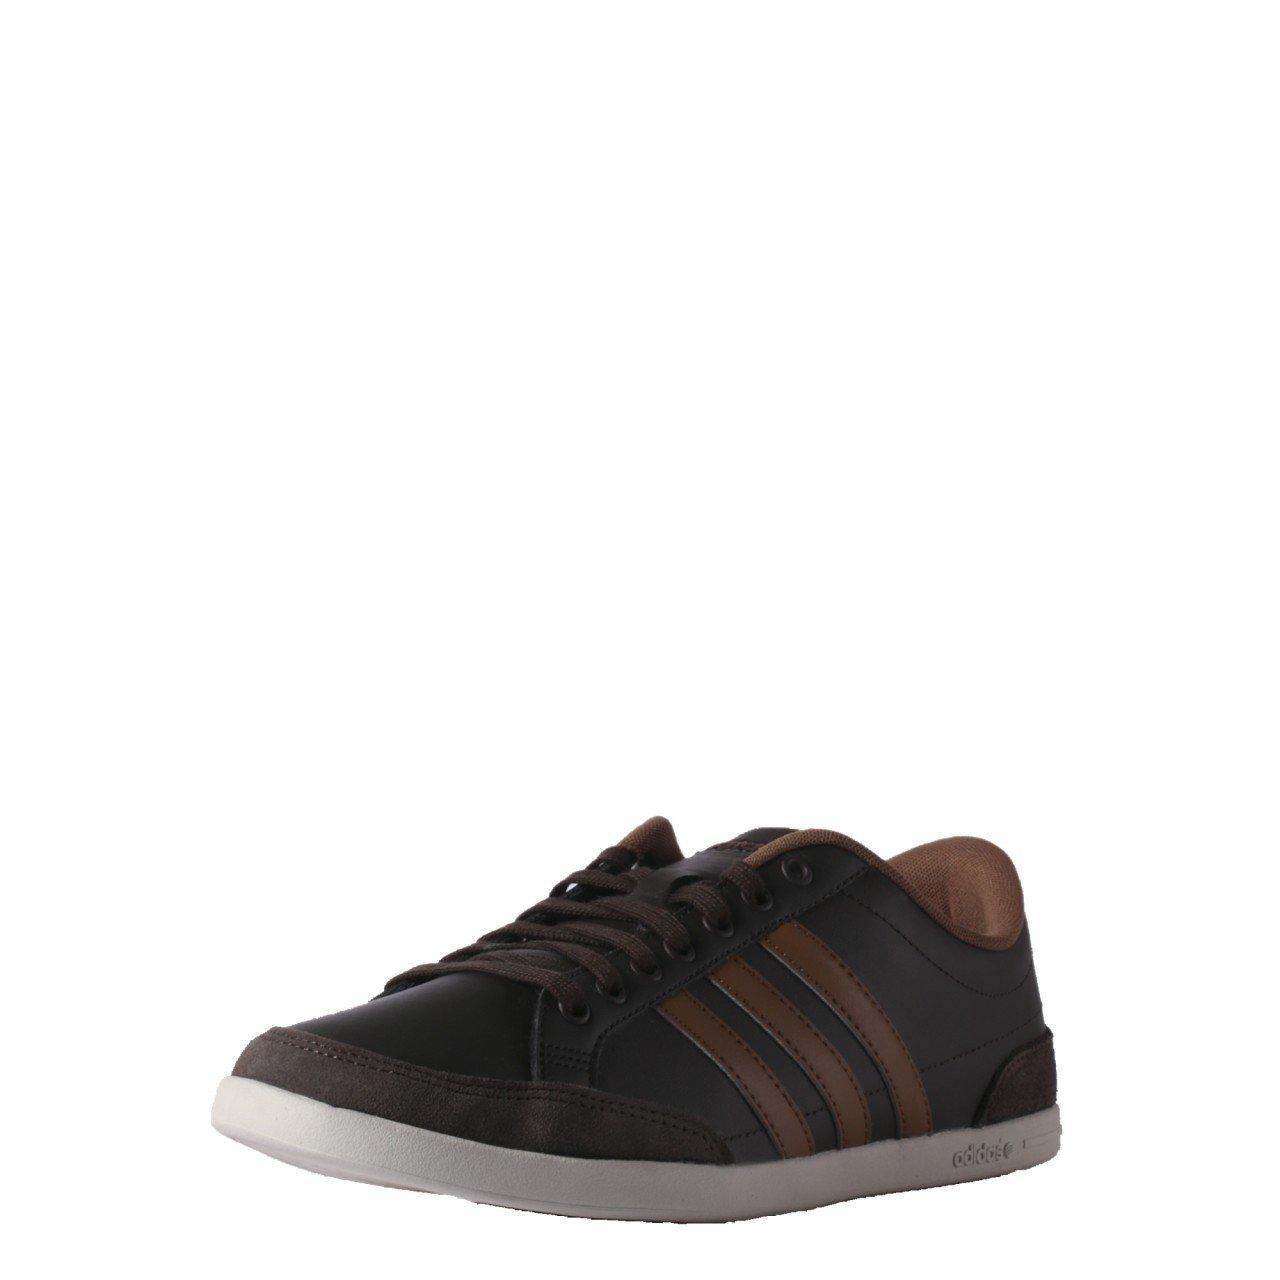 później sprzedaż usa online tanie trampki Adidas NEO Men Brown Cacity Leather Sneakers (7 UK): Buy ...